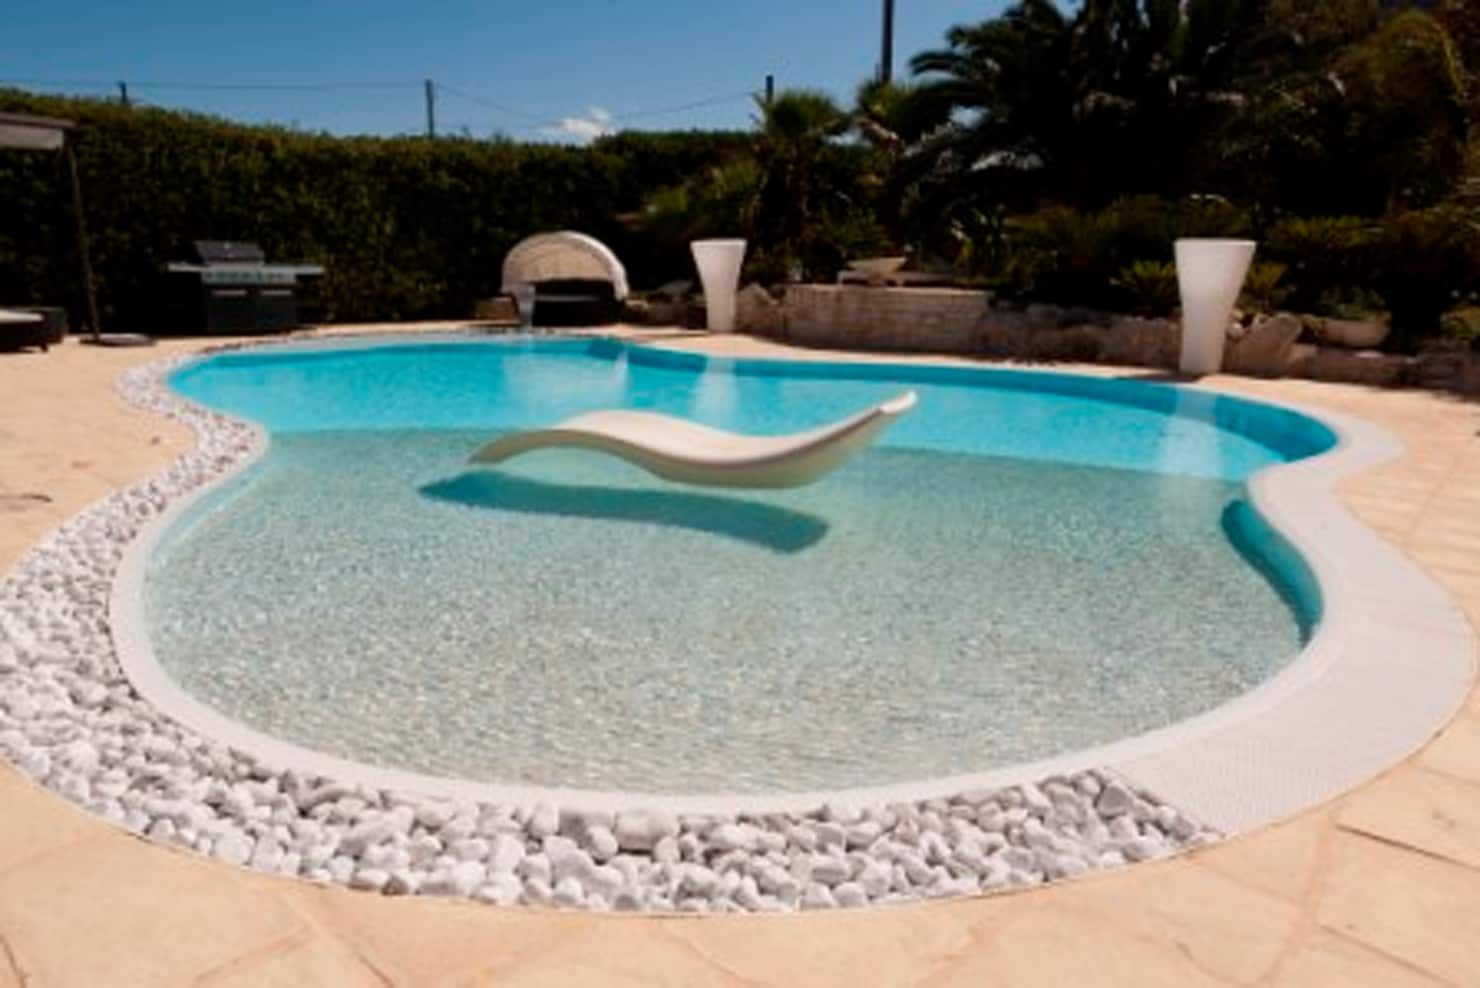 Foto Di Piscine Private piscine private piscina in stile mediterraneo di acquaform